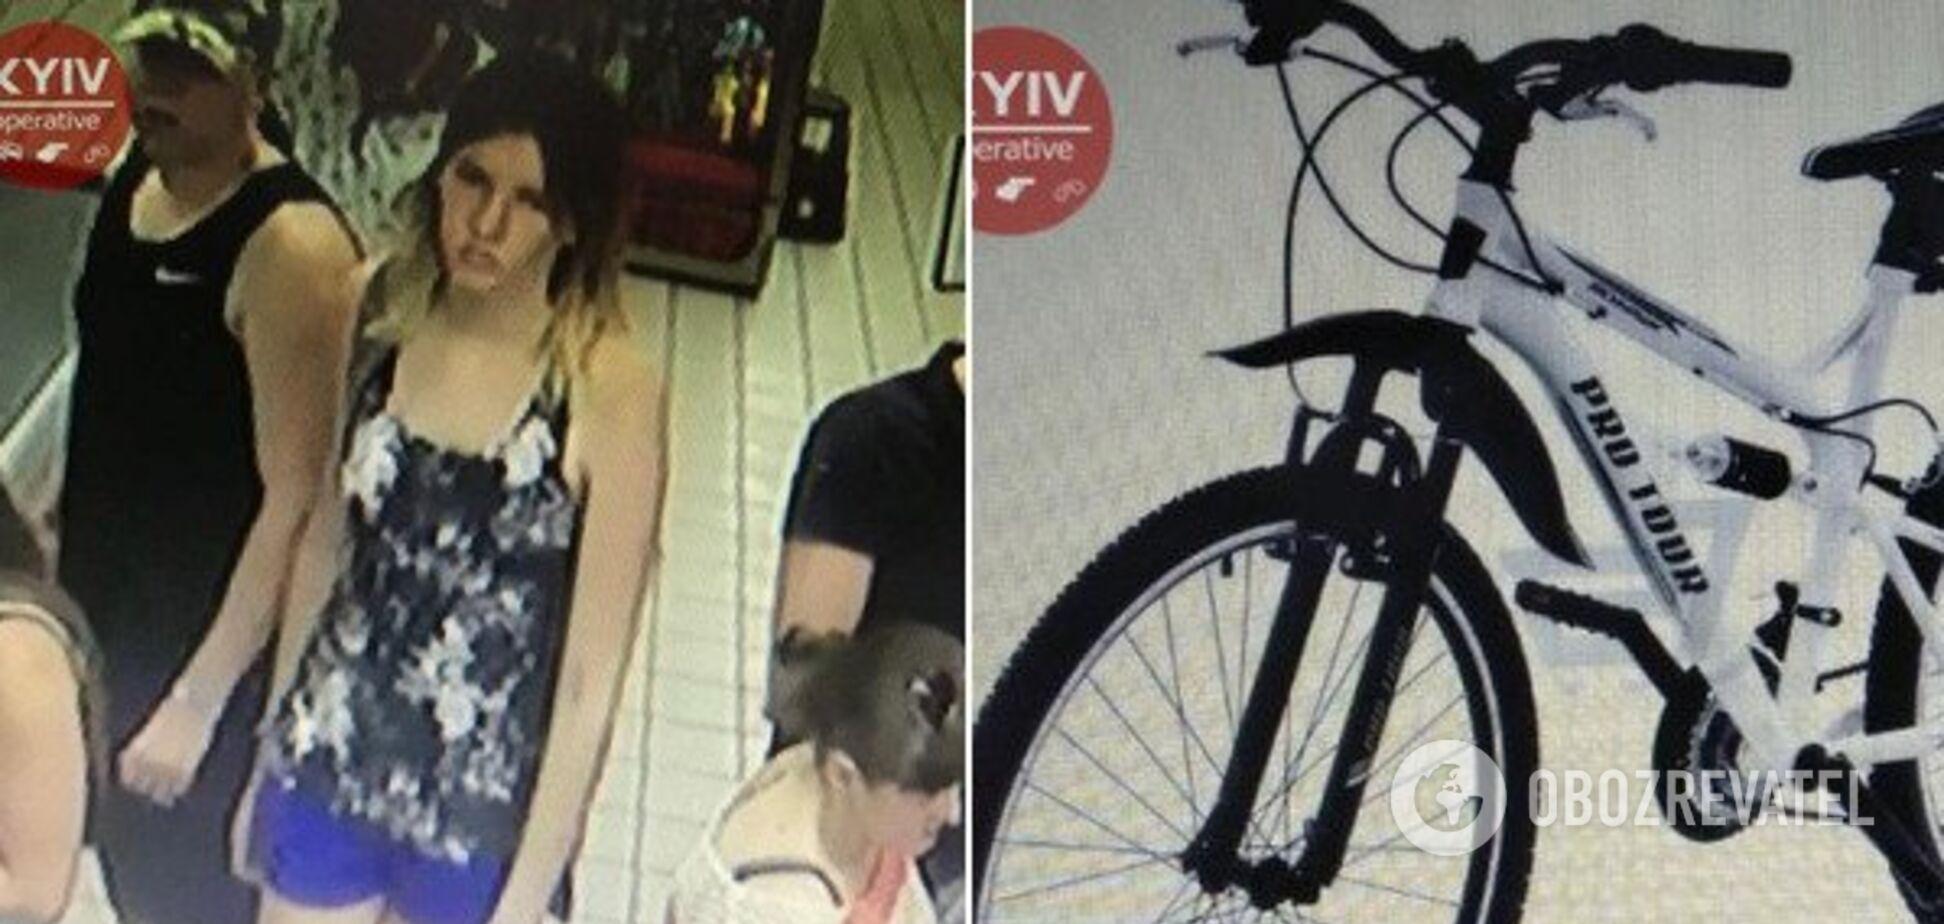 Девушка, которая похитила велосипед